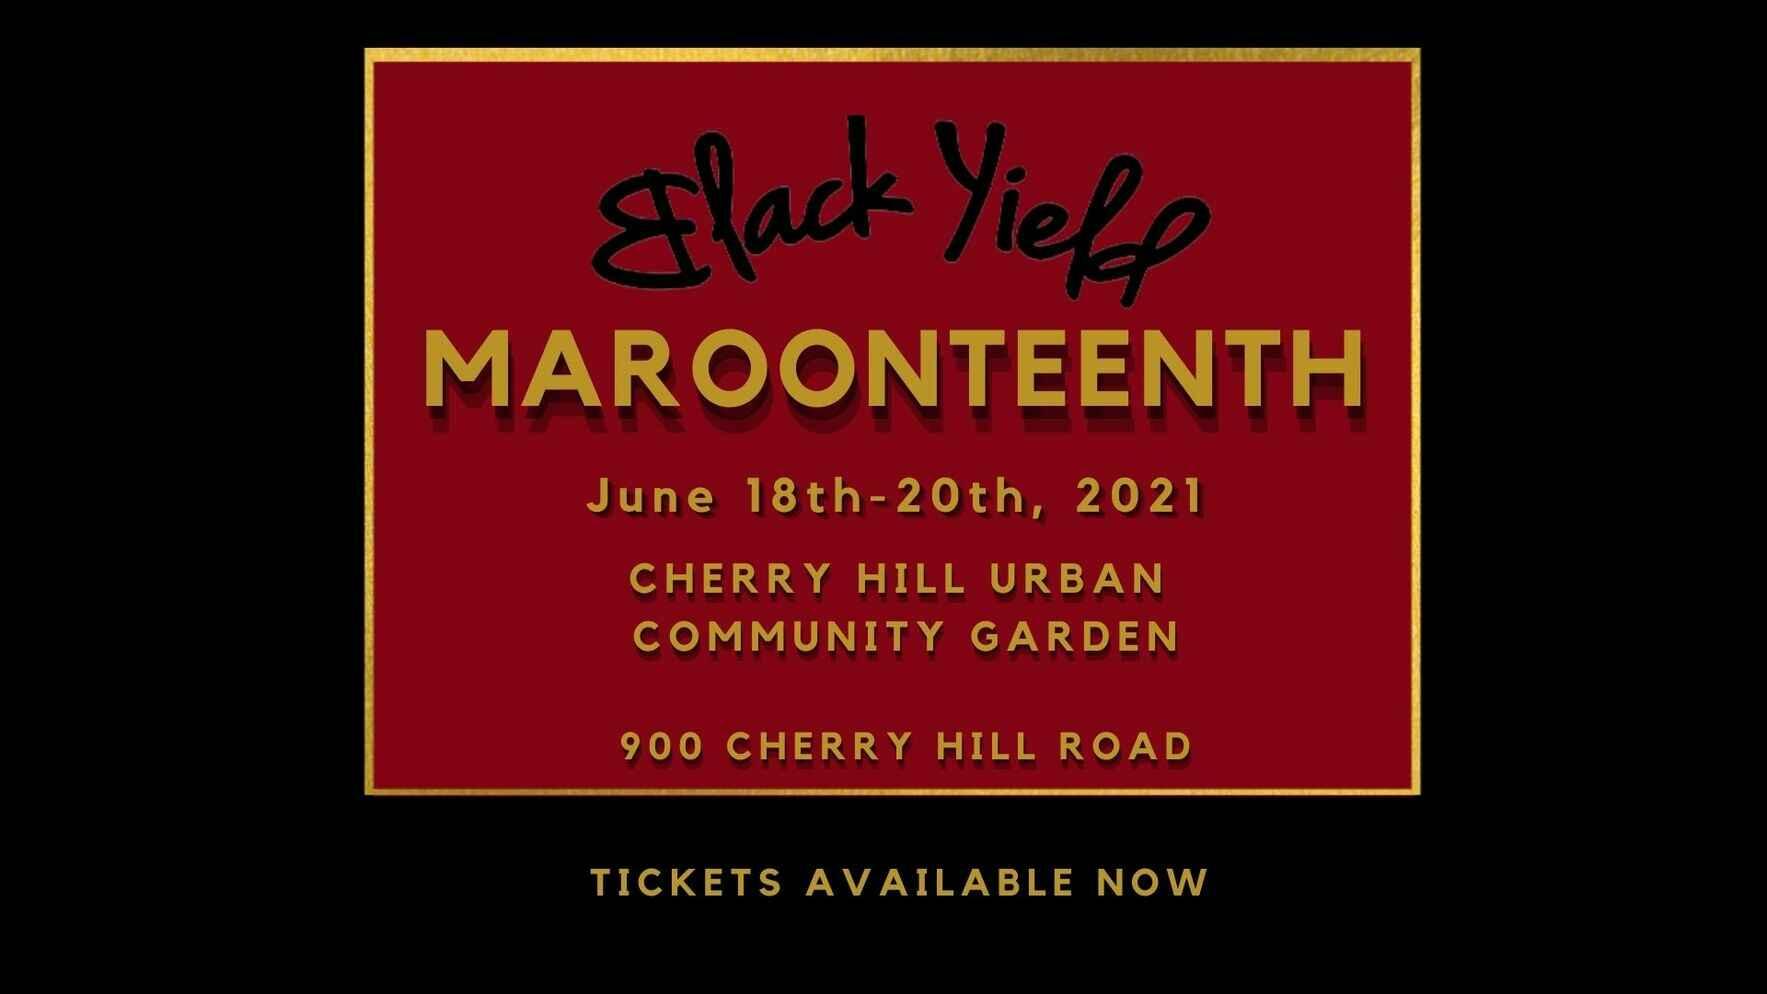 Maroonteenth Weekend 2021 image